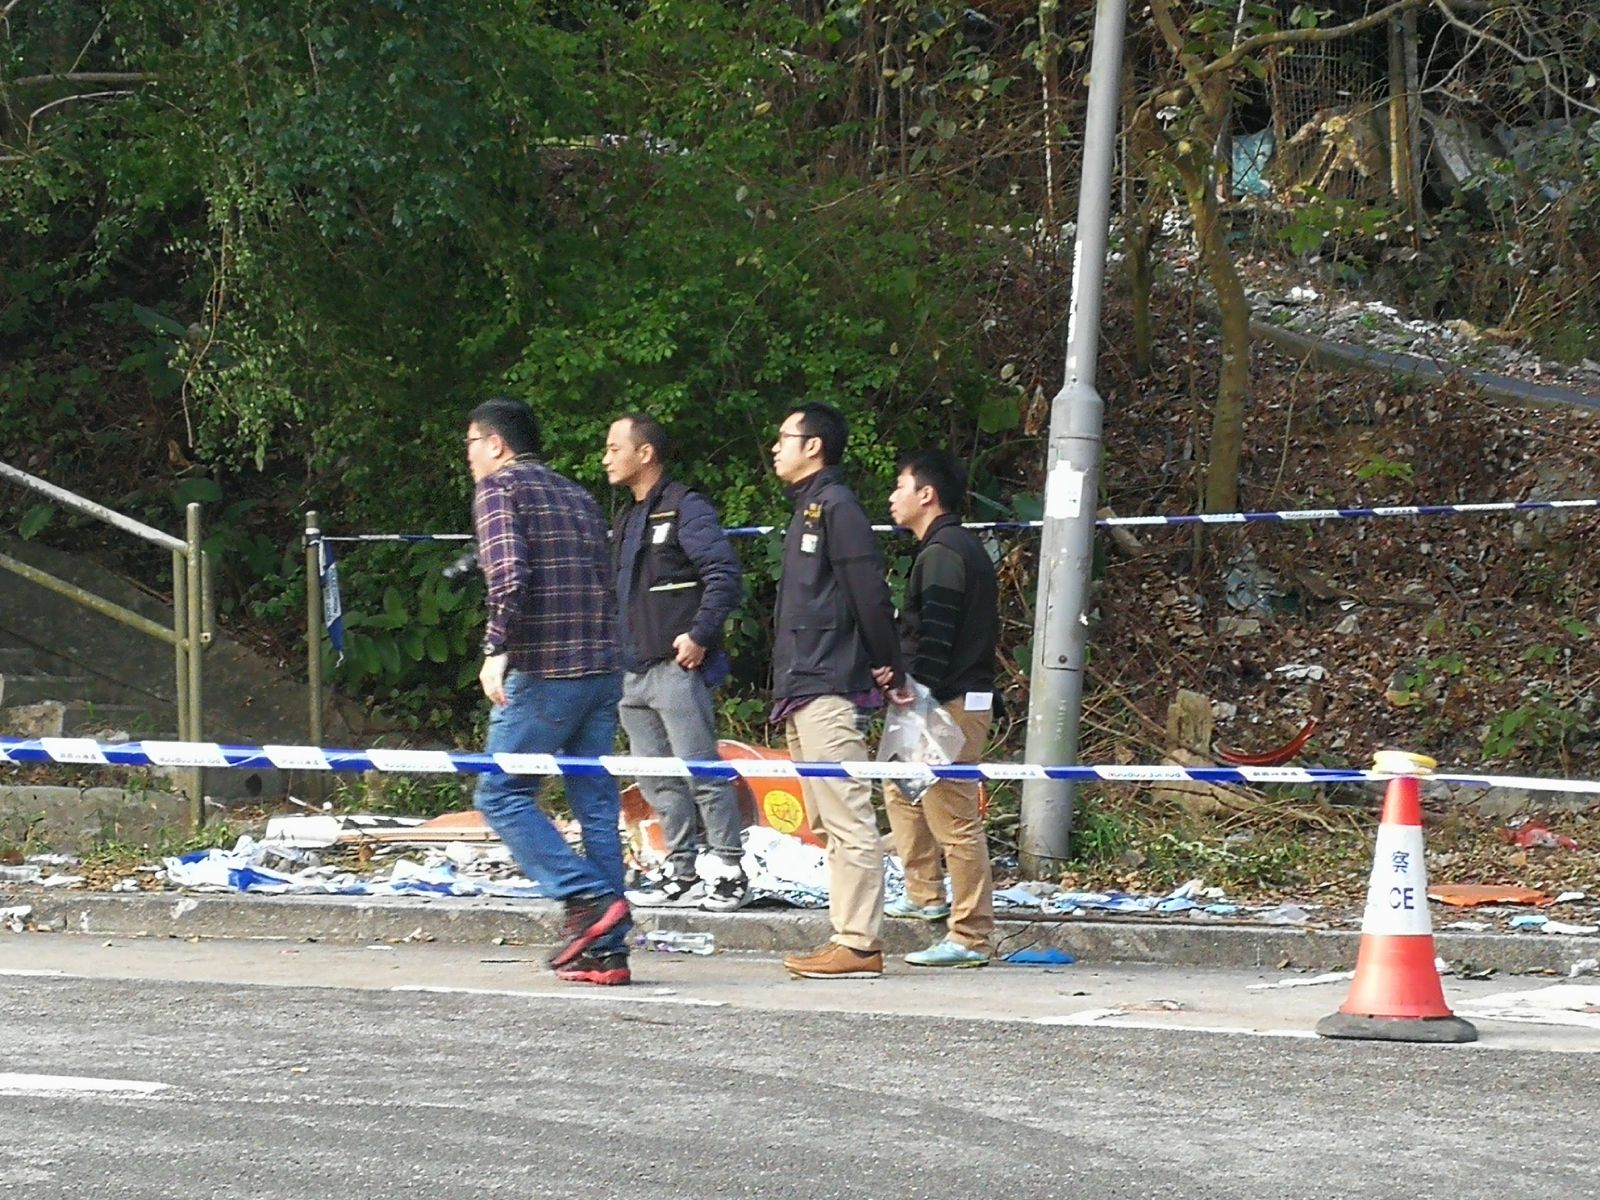 重案組探員天亮後返回現場繼續搜證。